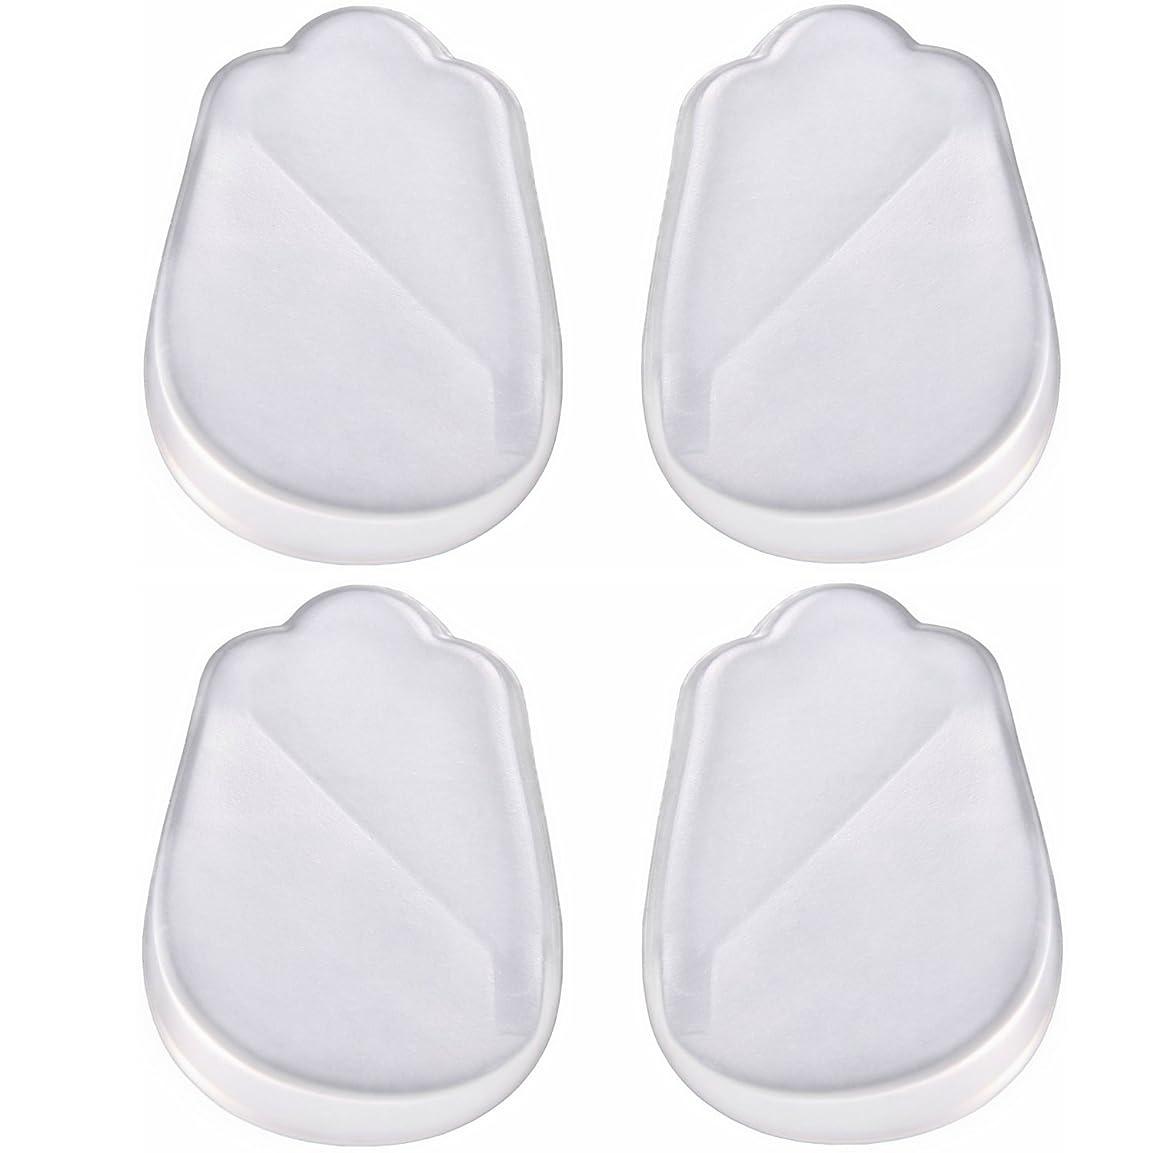 陽気な死傷者インレイX脚 O脚 用 かかと シリコン ゲル 素材 透明 クリアー インソール 靴 中敷 4枚 2足分 セット! 補正 シリコンパッドを 靴に 入れて 履くだけ? 高 衝撃 吸収力 耐久